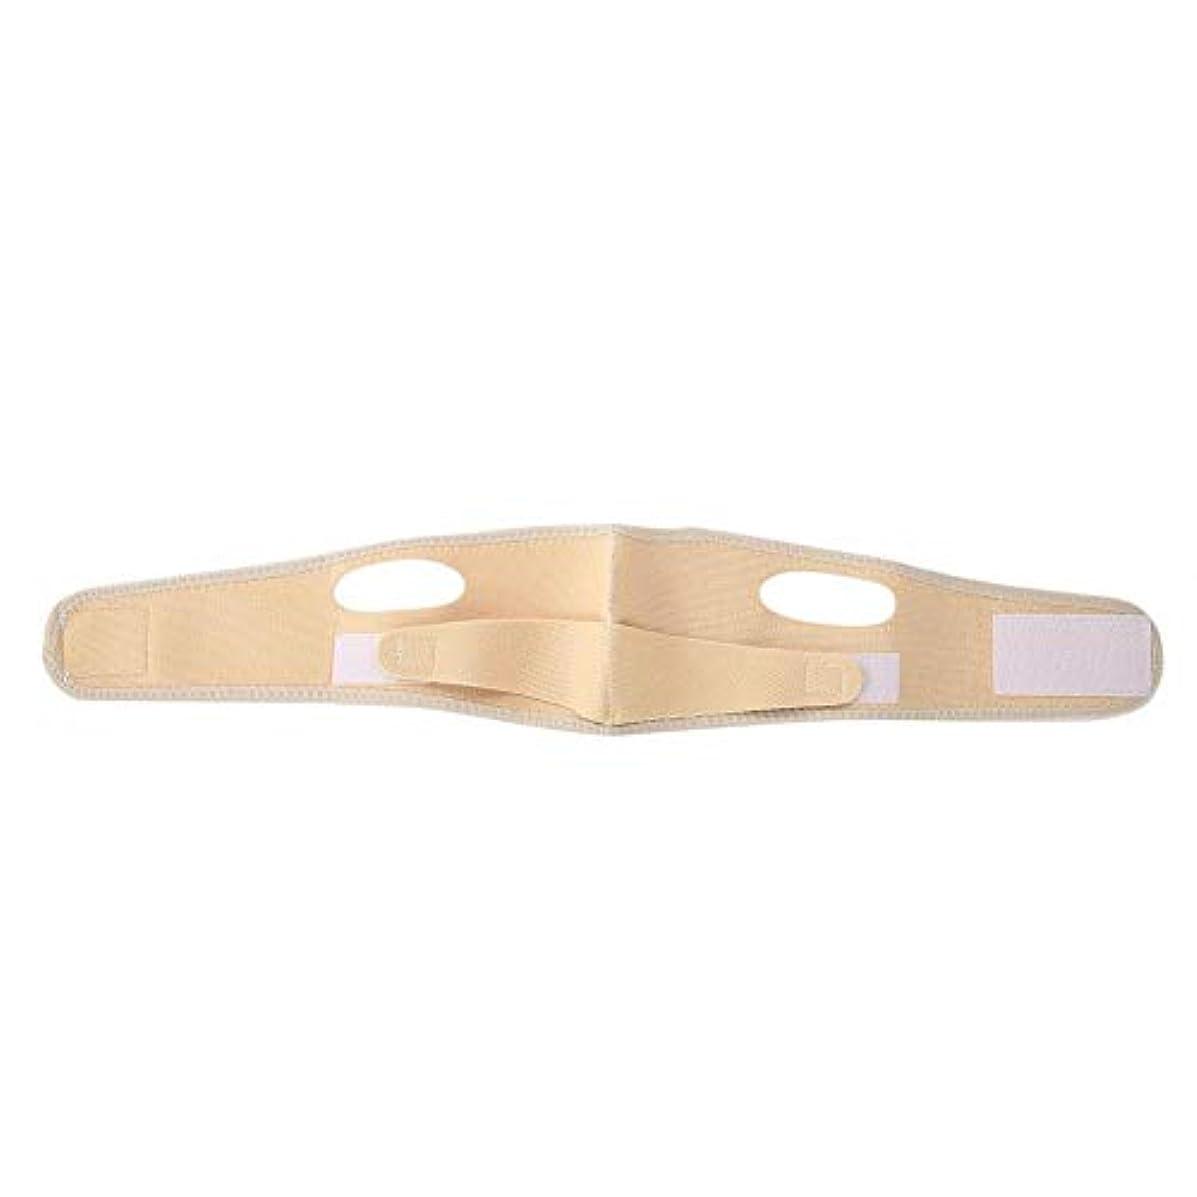 舗装ホール知恵薄い顔のマスク顔の顔を持ち上げる包帯2種類(1#)